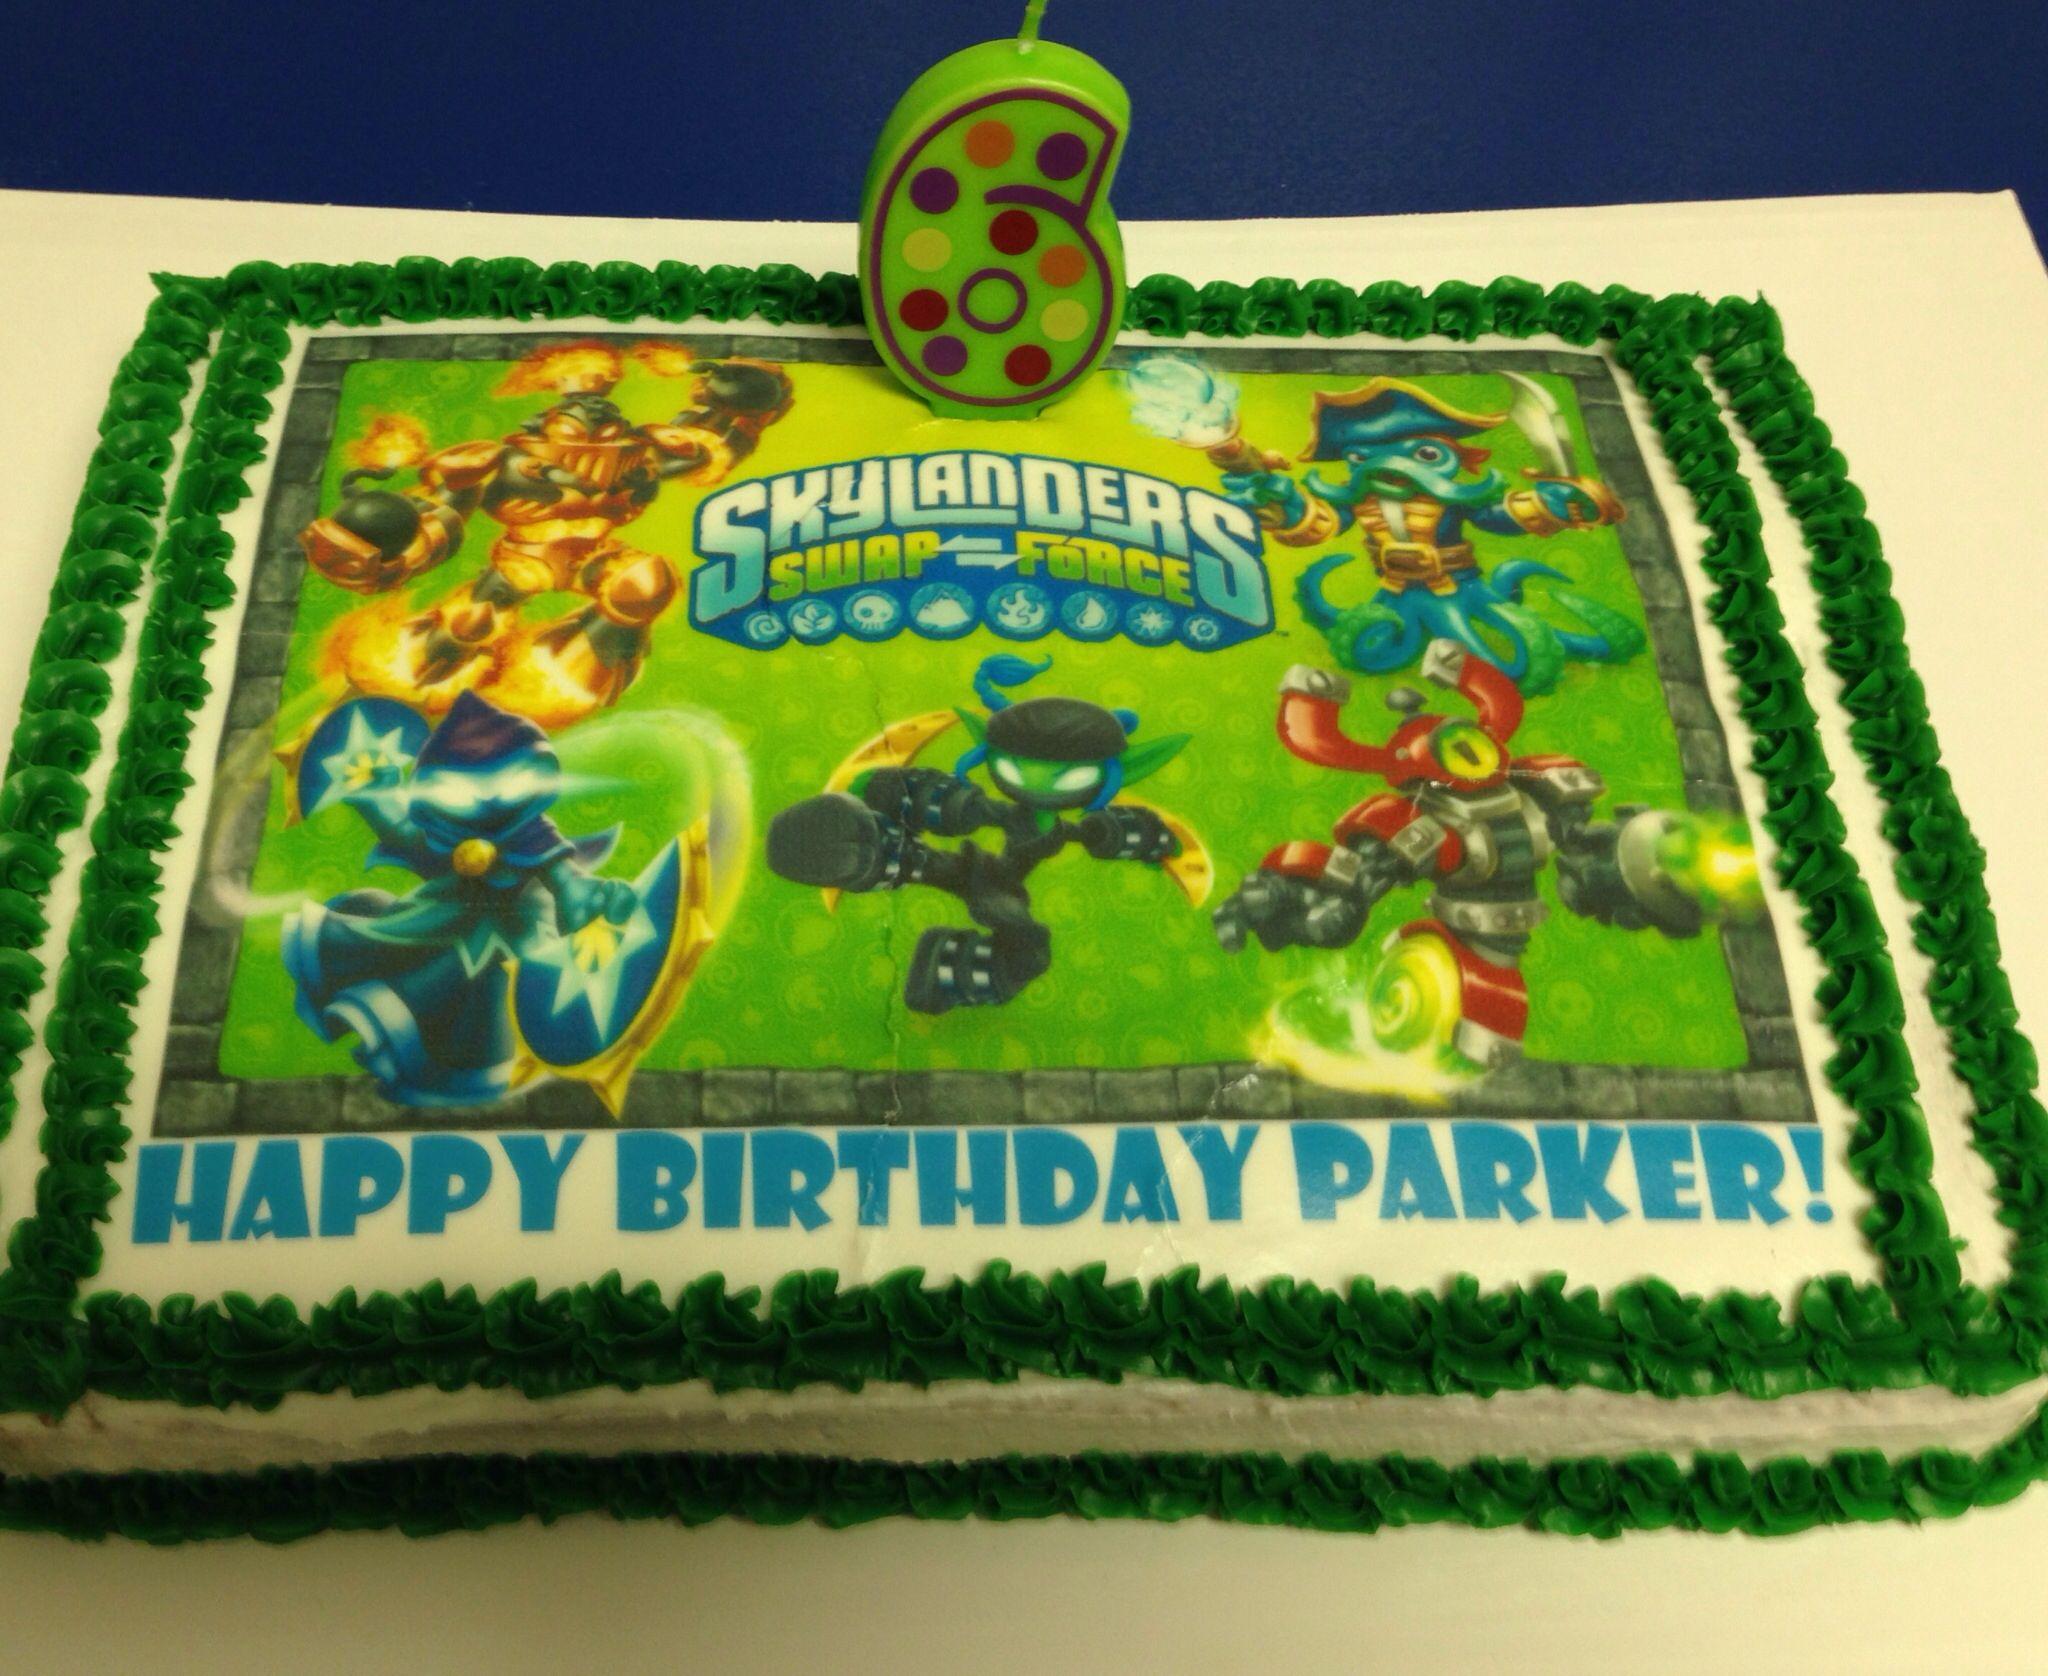 Skylanders Birthday Cake Special Occasion Cakes Cupcakes Etc